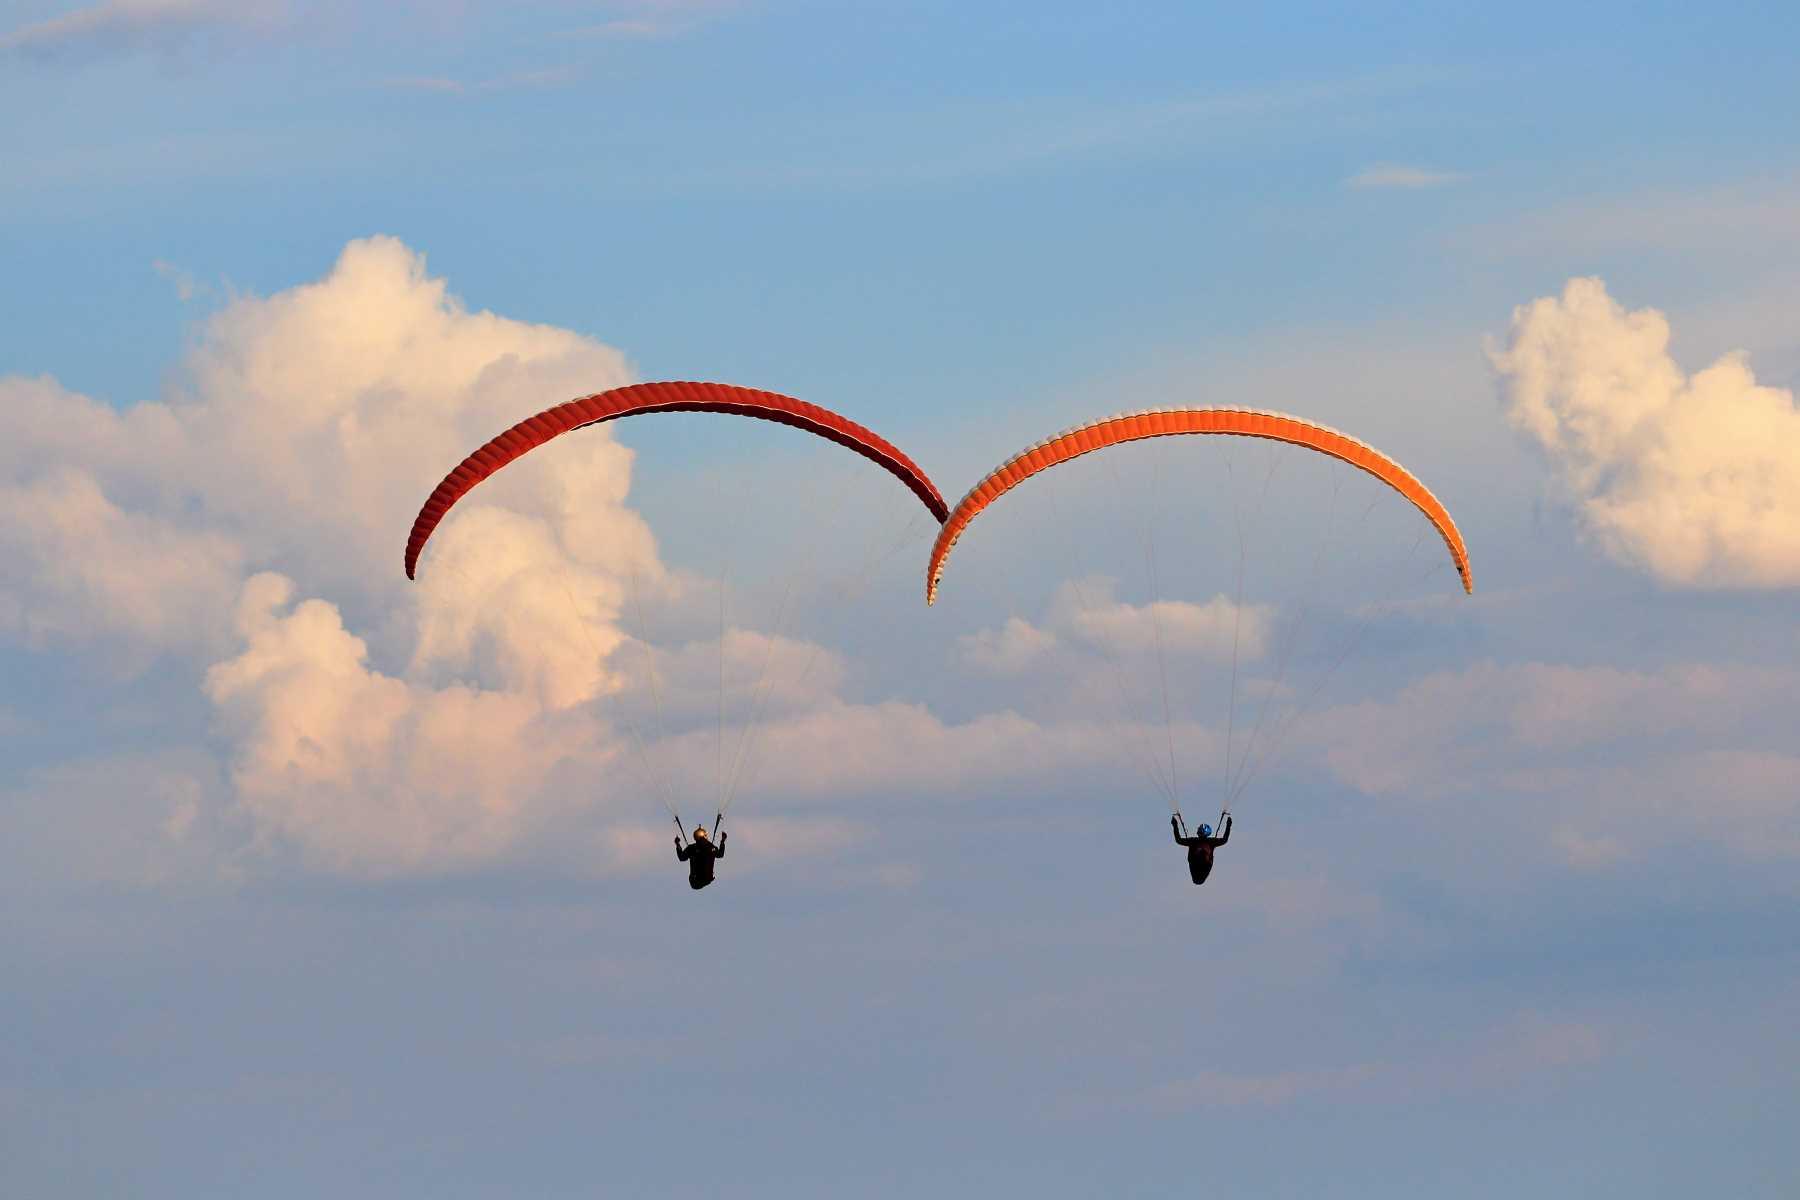 parapente o paracaidismo